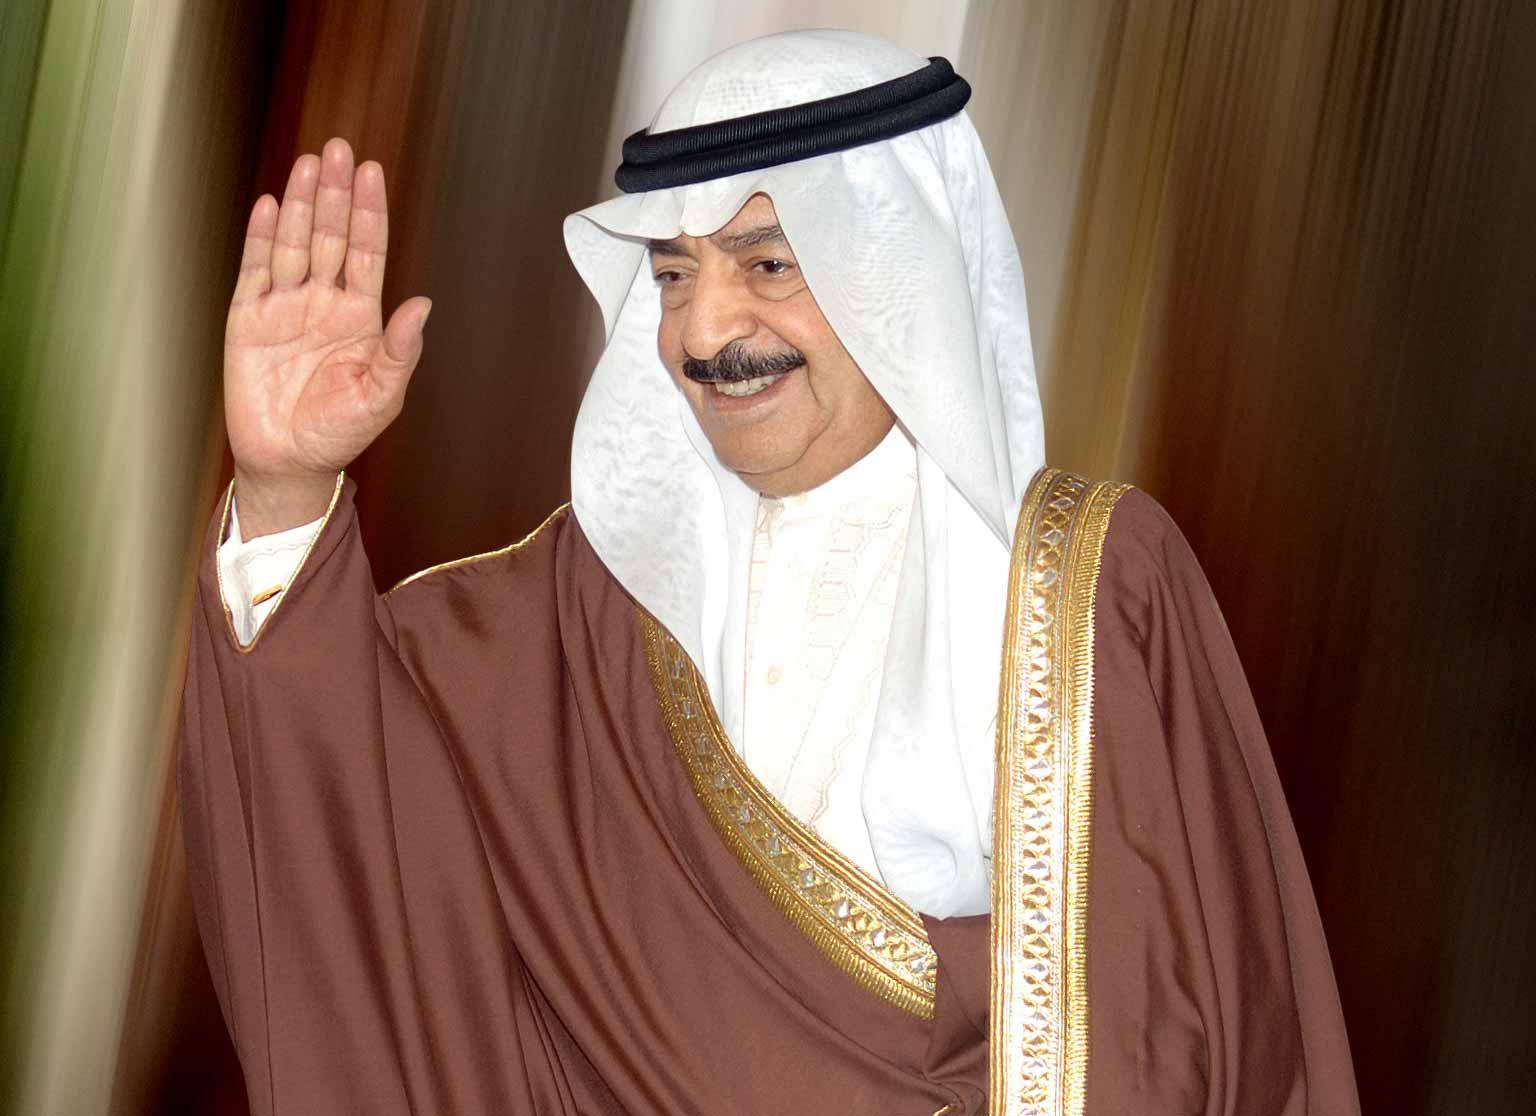 Le Secrétaire Général Présente ses Condoléances au Parlement Bahreïni